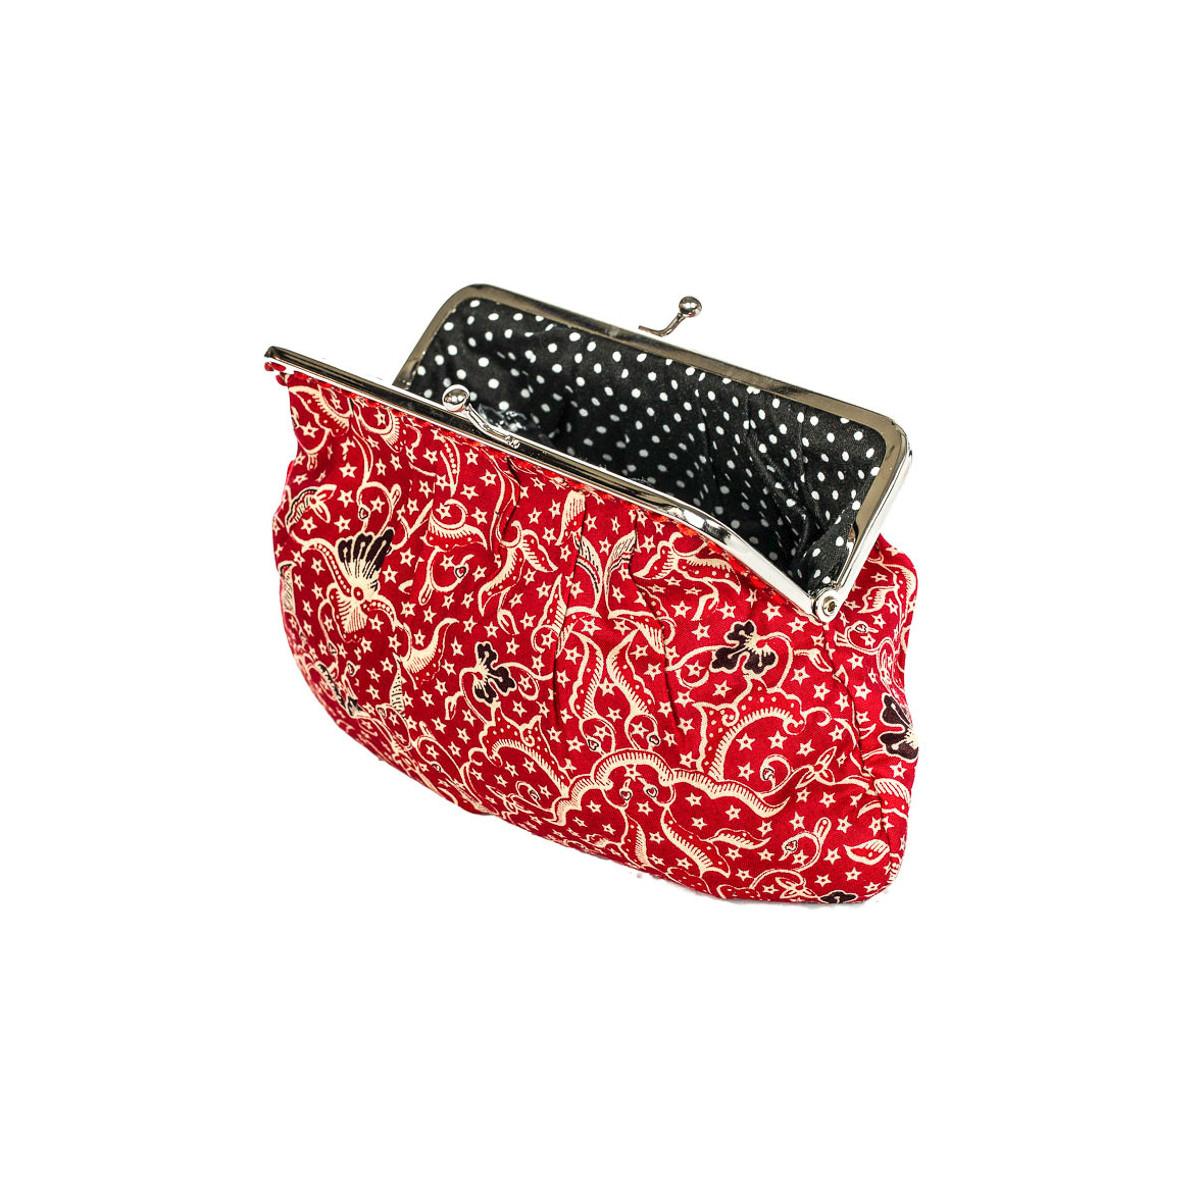 Grand porte-monnaie rétro à clip rouge et noir à pois